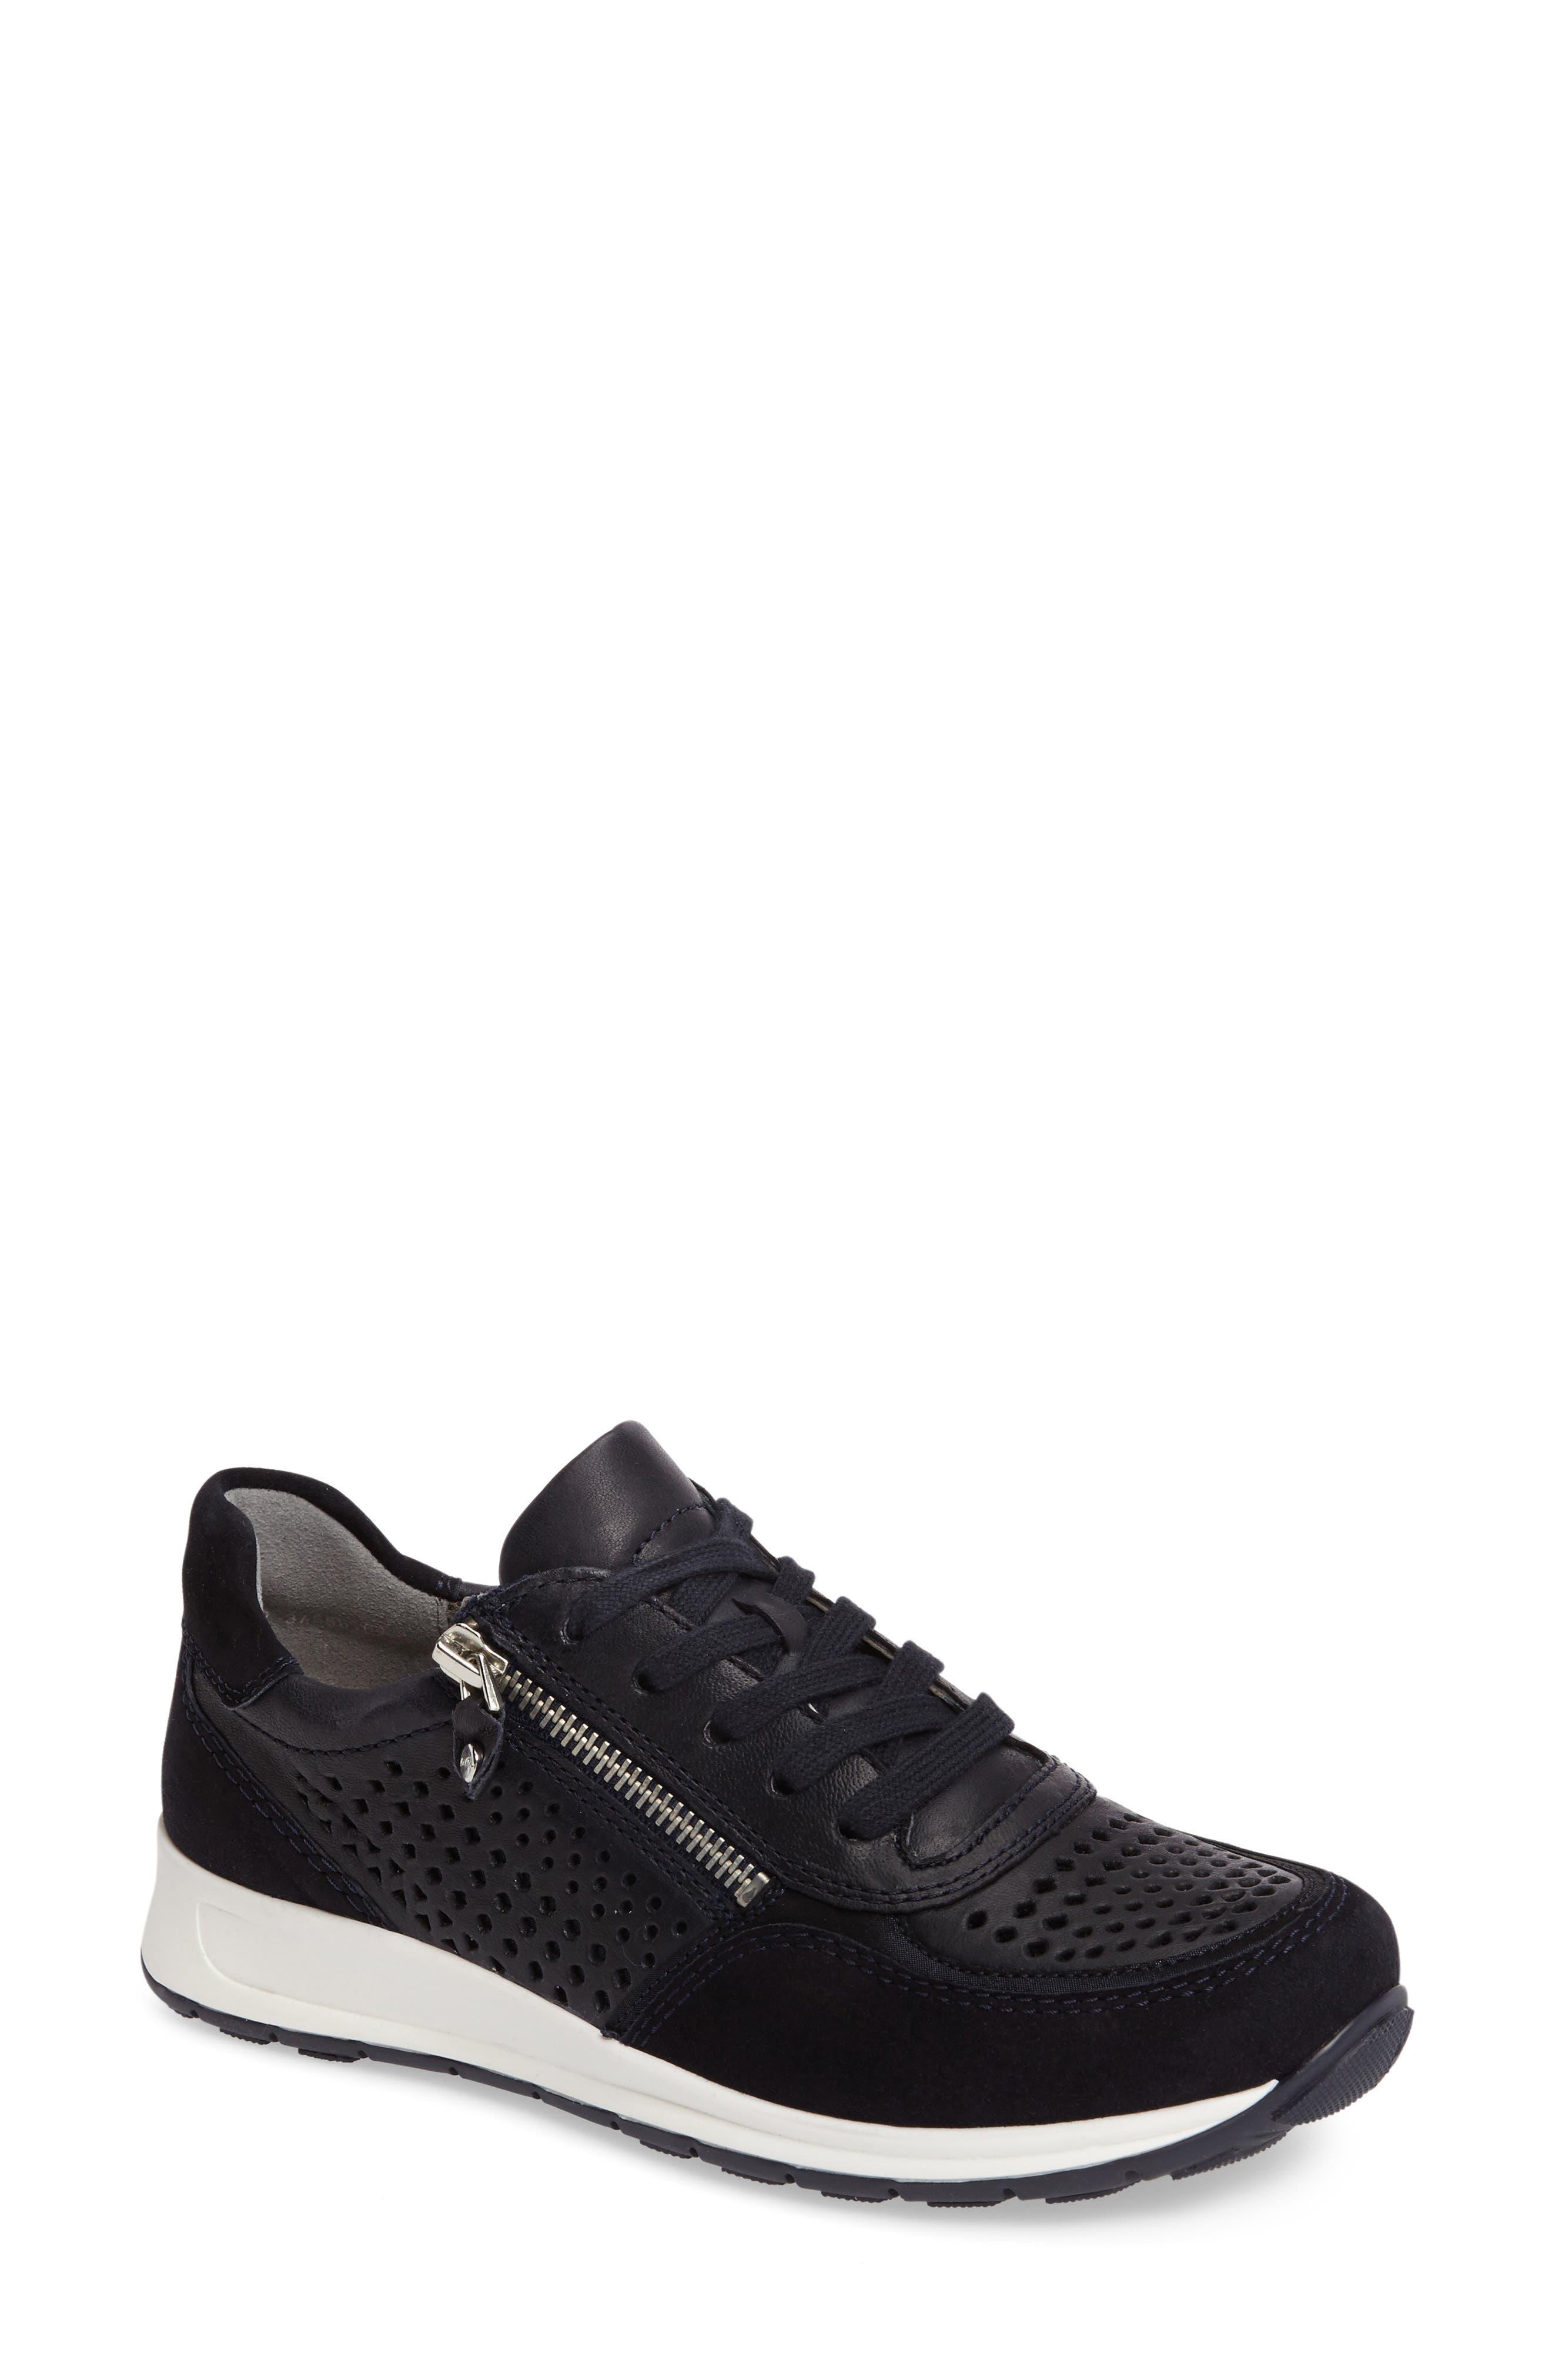 ara Olivia Perforated Sneaker (Women)